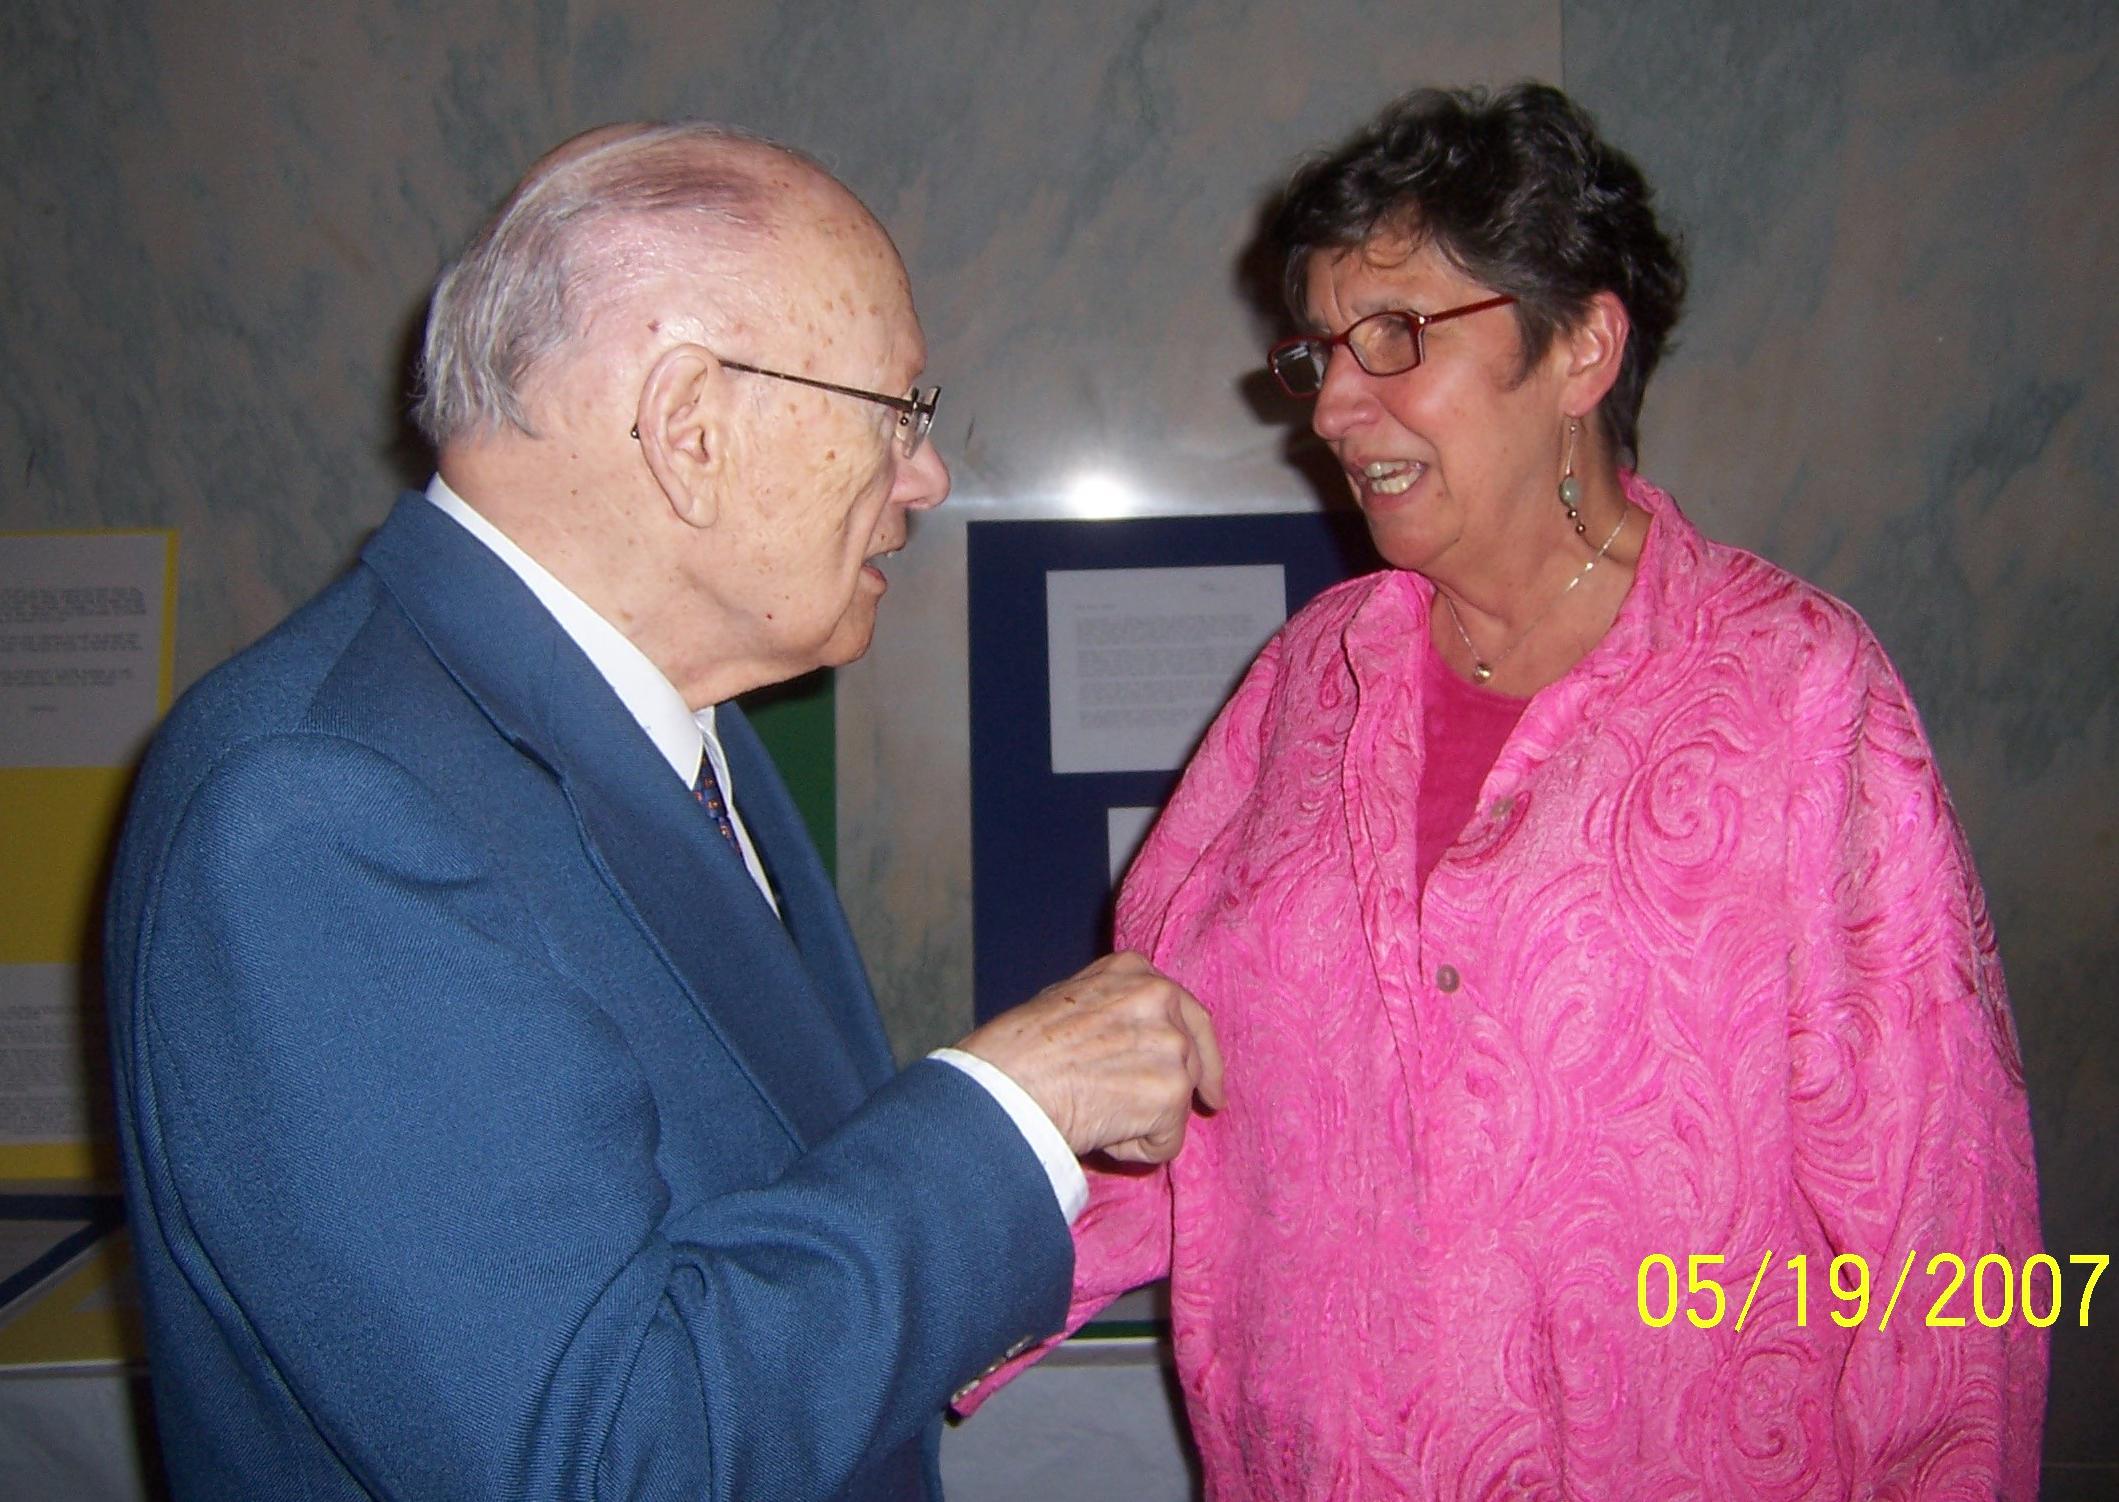 Rev. E. Spencer Parsons and Rev. Donna Schaper